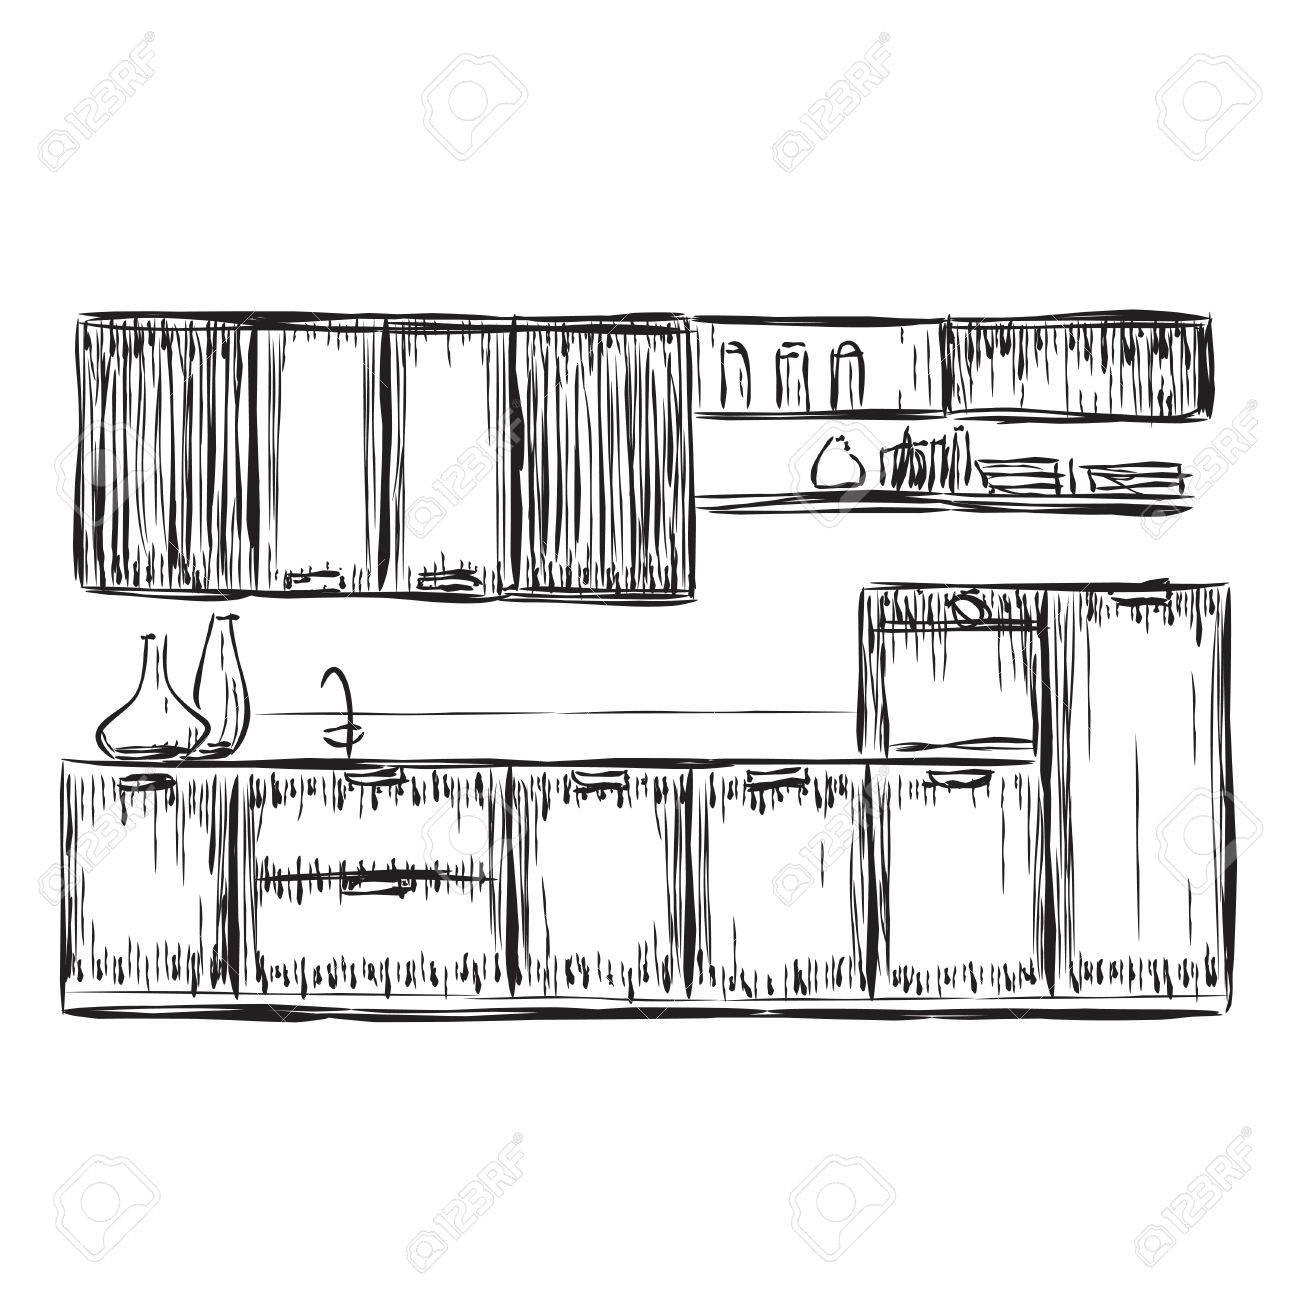 Küche Innenzeichnung, Vektor-Illustration, Möbel Skizze Lizenzfrei ...